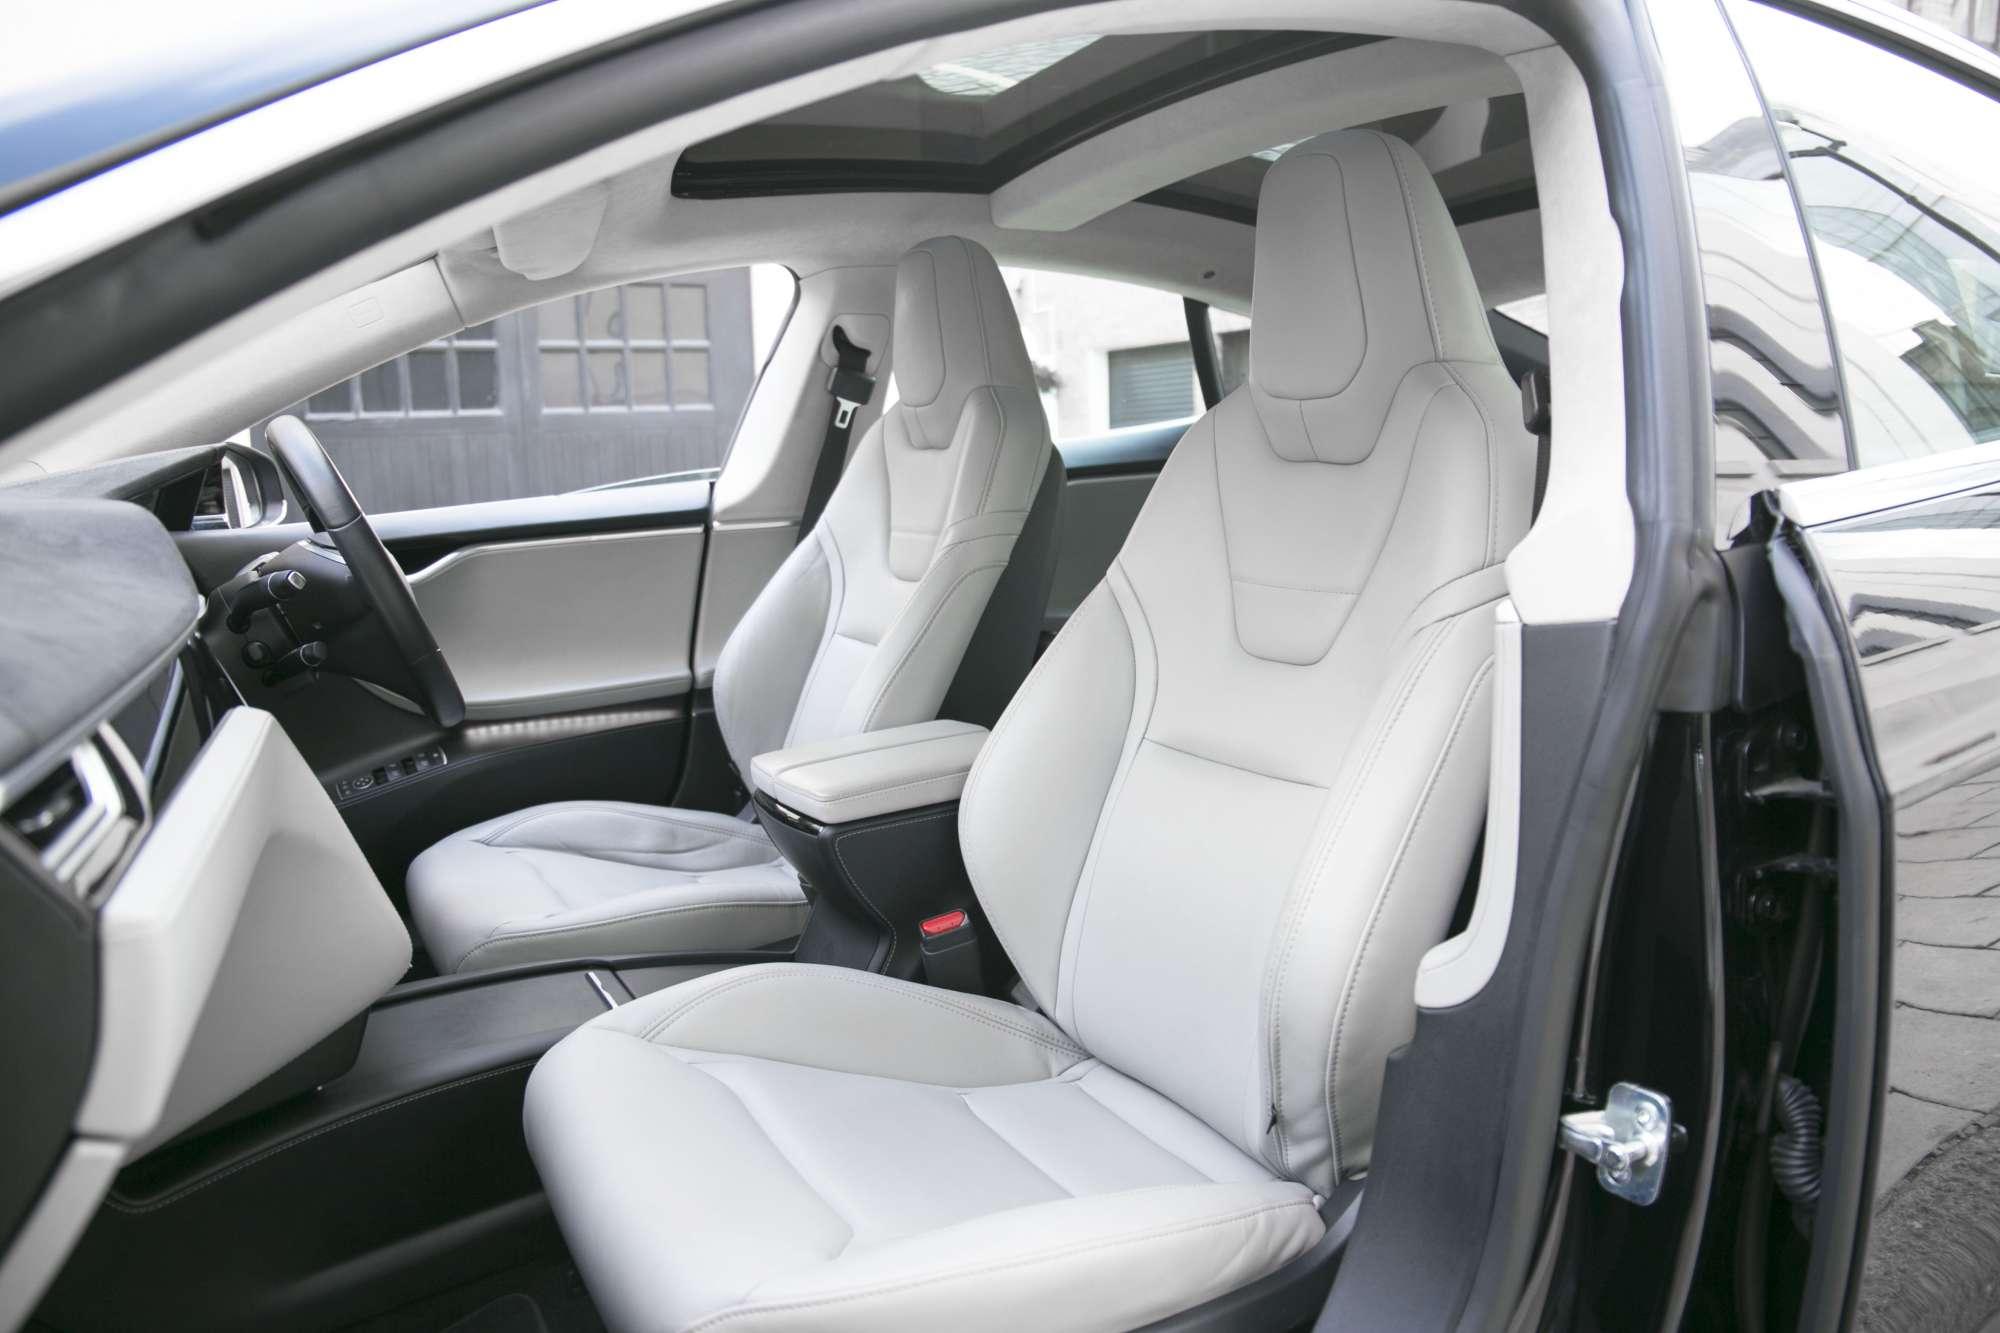 Audi Rs7 Seats For Sale >> Tesla Model S 75D - Pegasus Auto House